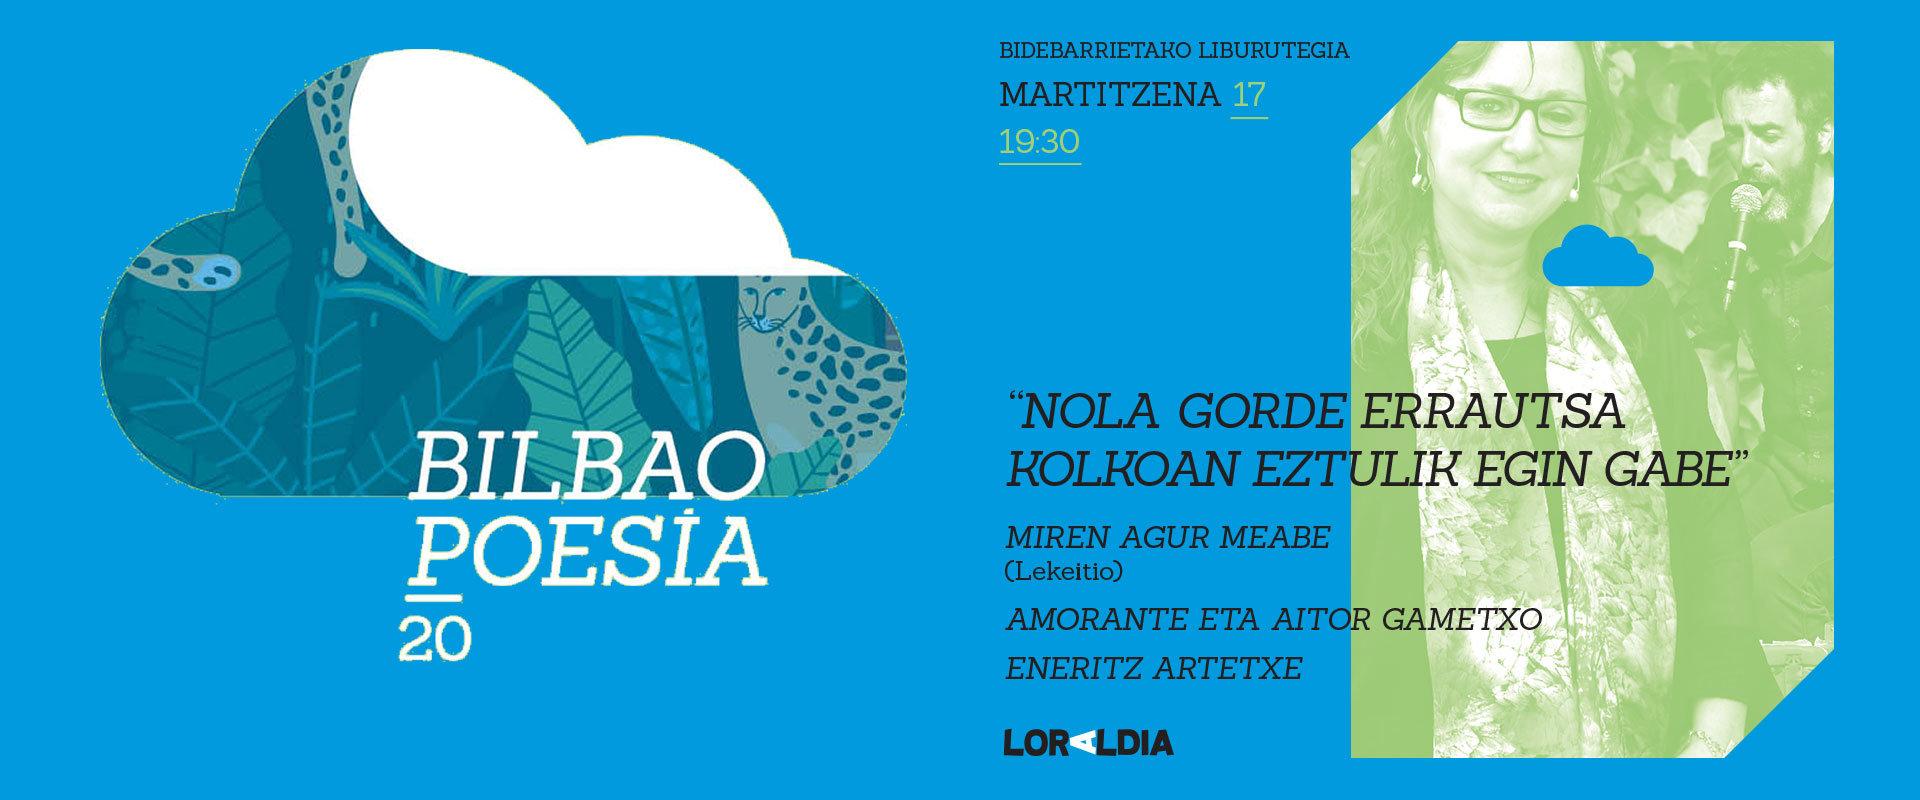 NOLA_GORDE